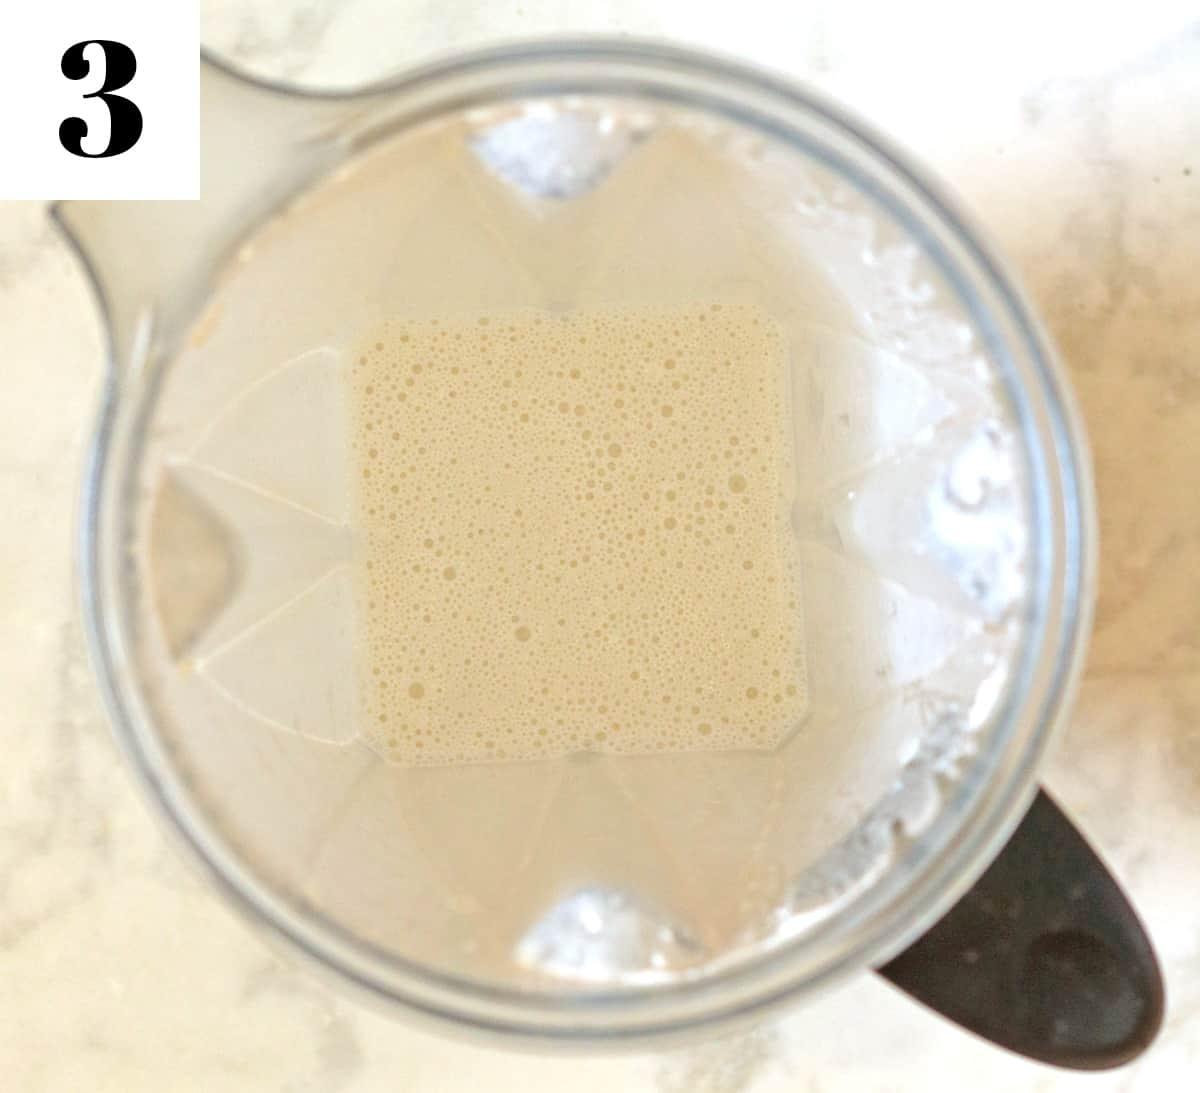 blended cashew cream in blender